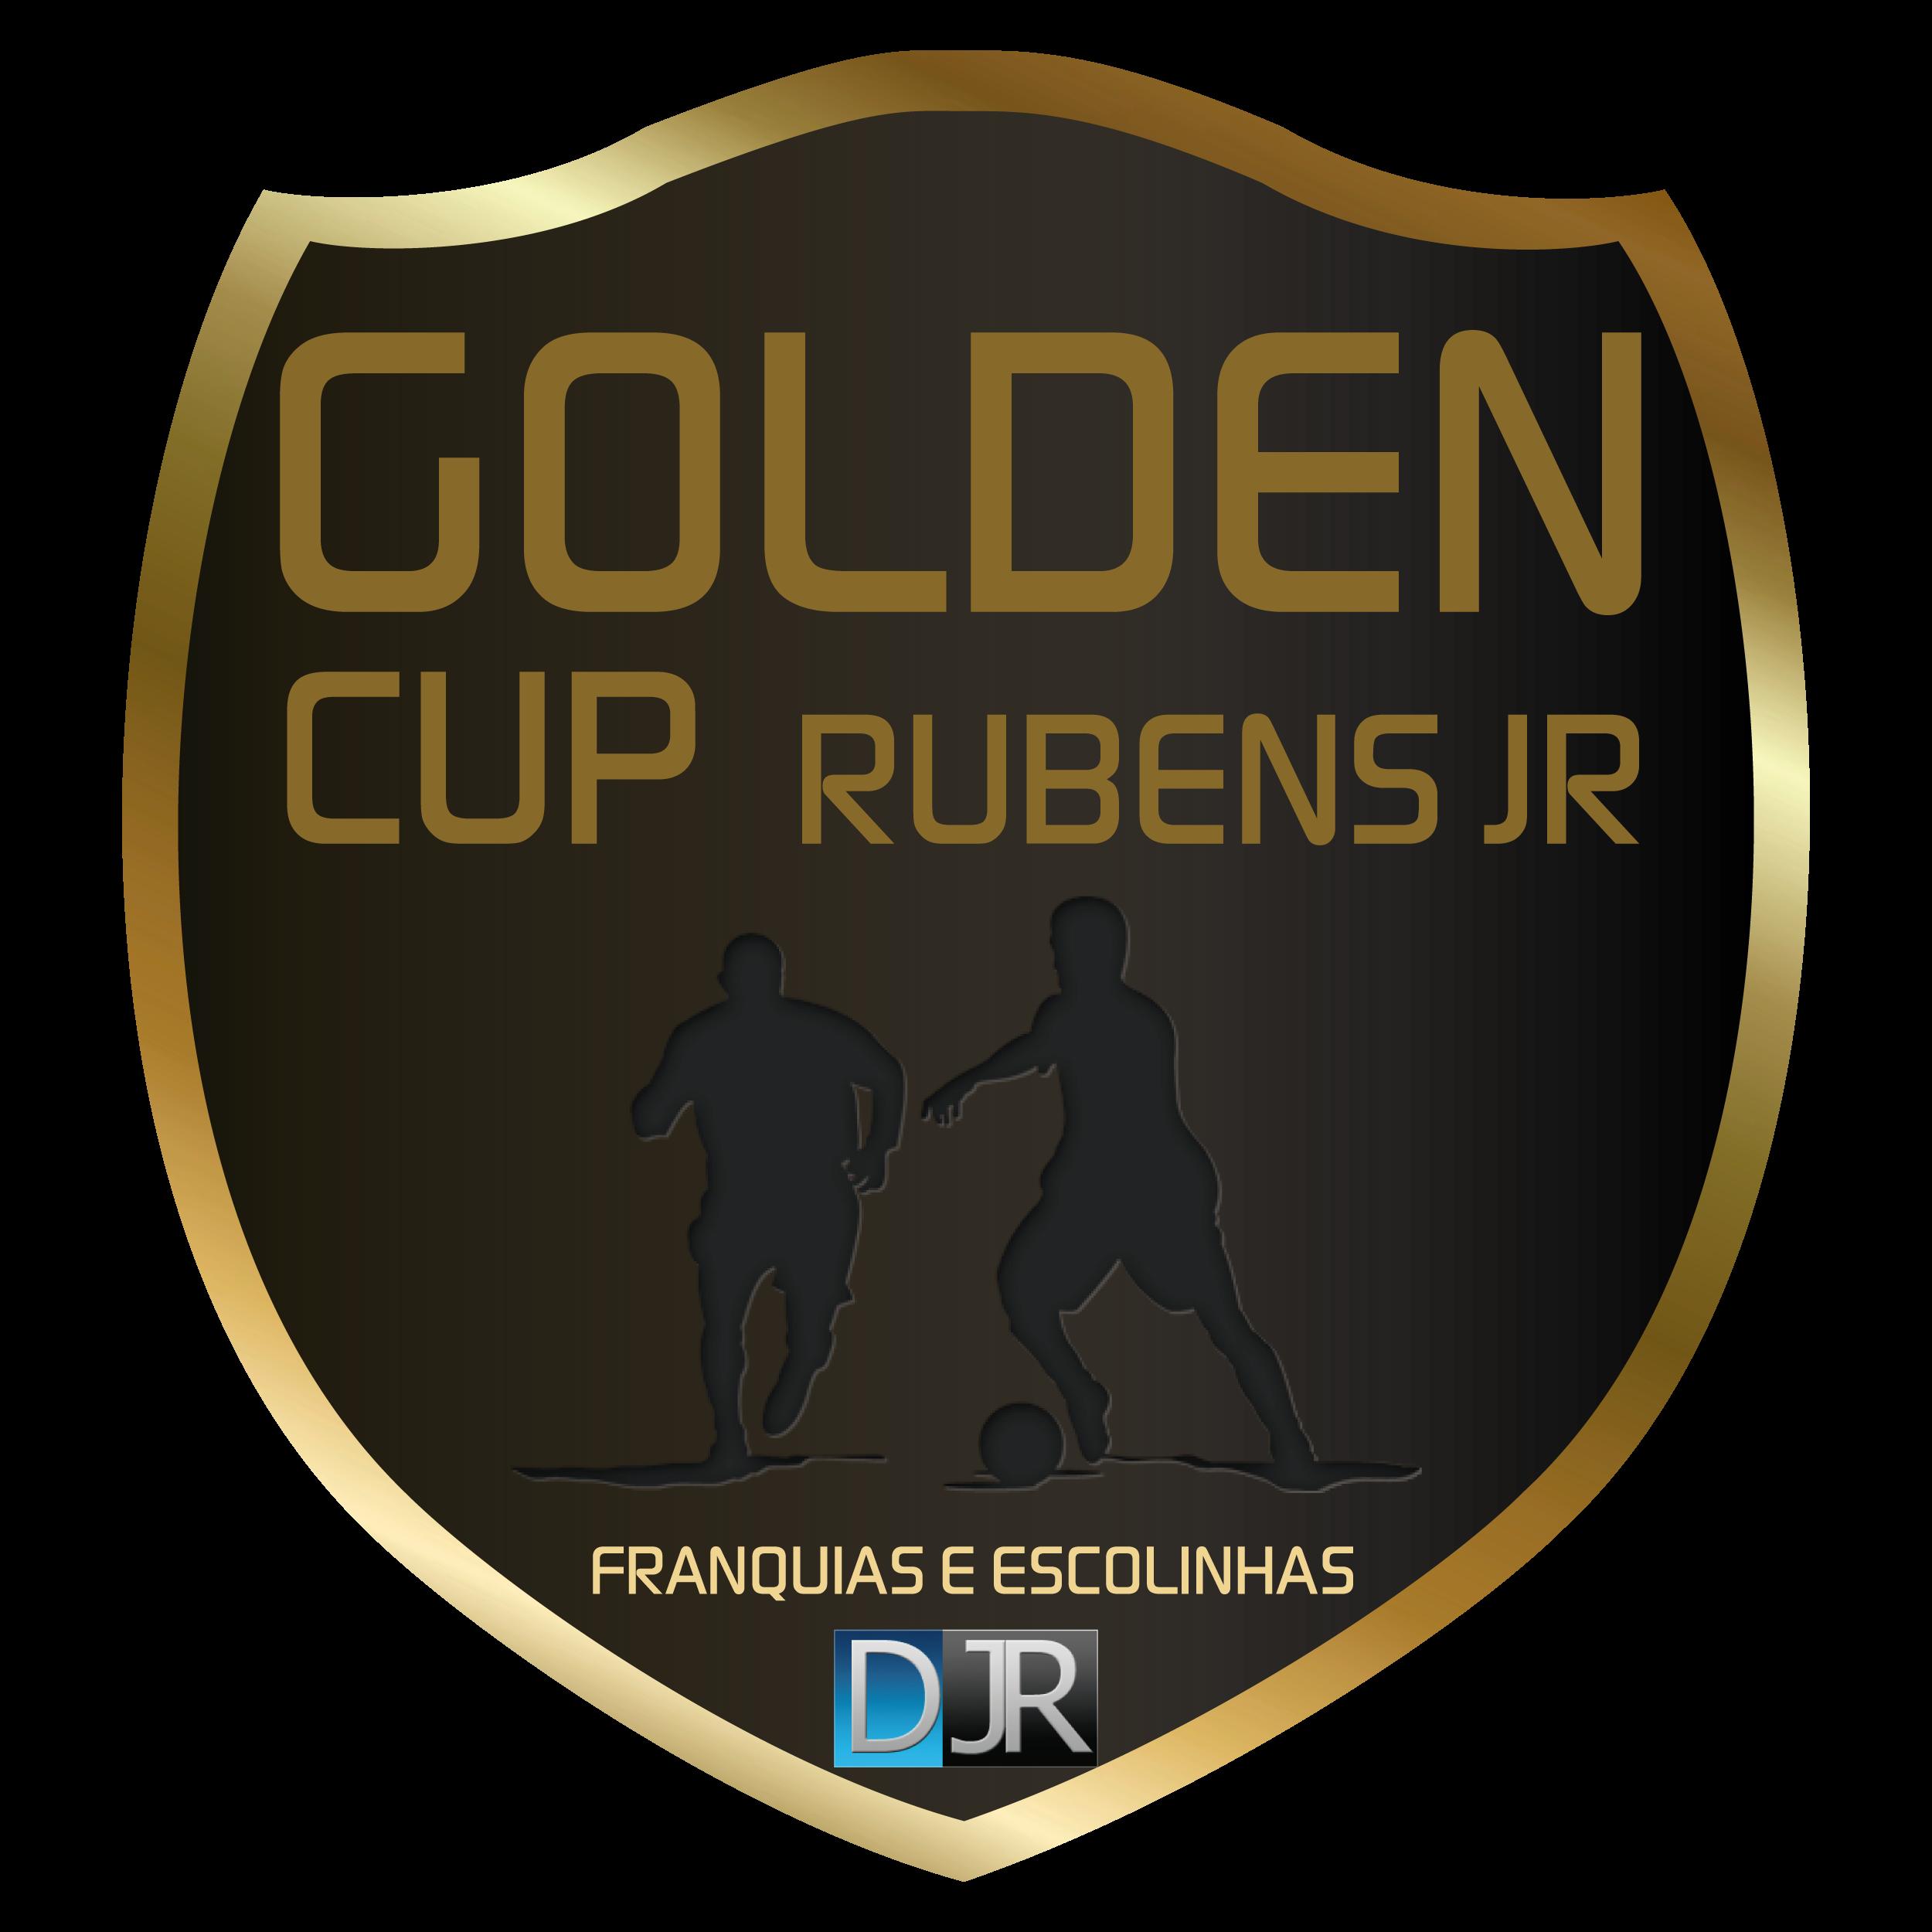 Golden Cup Rubens Jr (Franquias e Escolinhas) - 2ª edição